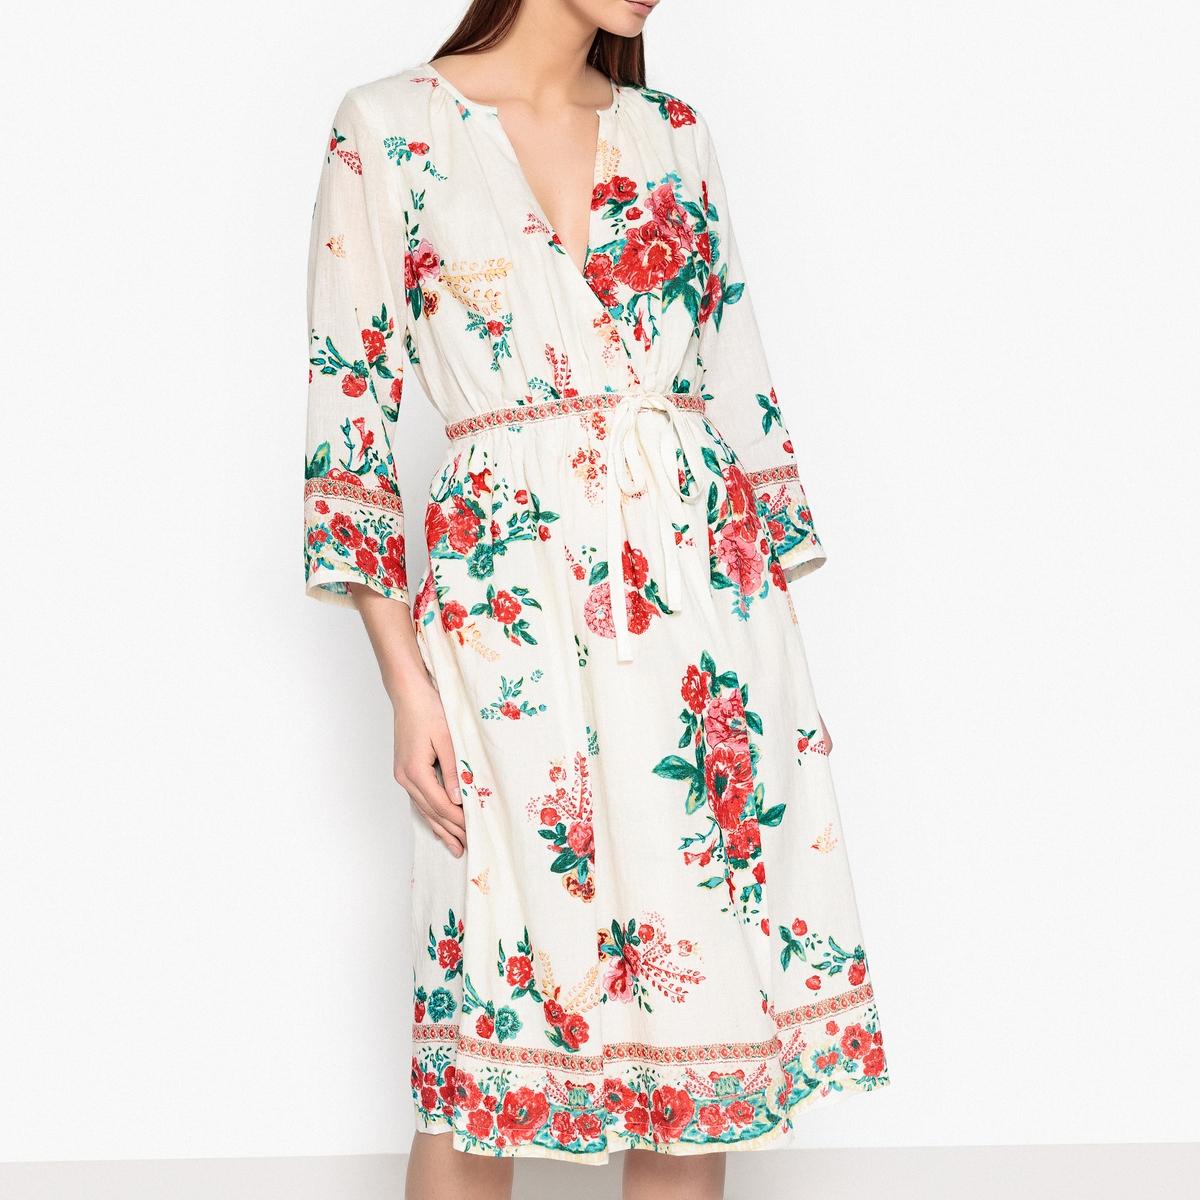 Платье с запахом и цветочным принтом RHUBARBE UKRANIAОписание:Платье с принтом и длинными рукавами LEON AND HARPER - модель RHUBARBE. Форма с запахом, ткань с принтом, цветочный рисунок. Завязки на поясе. Круглый вырез со сборками на кнопках.Детали •  Форма : с запахом •  Длина миди, 3/4 •  Длинные рукава    •  Без воротника •  Цветочный рисунокСостав и уход •  100% хлопок •  Следуйте советам по уходу, указанным на этикетке •  длина ок.114 см . для размера S •  Можно носить также, как кимоно<br><br>Цвет: экрю